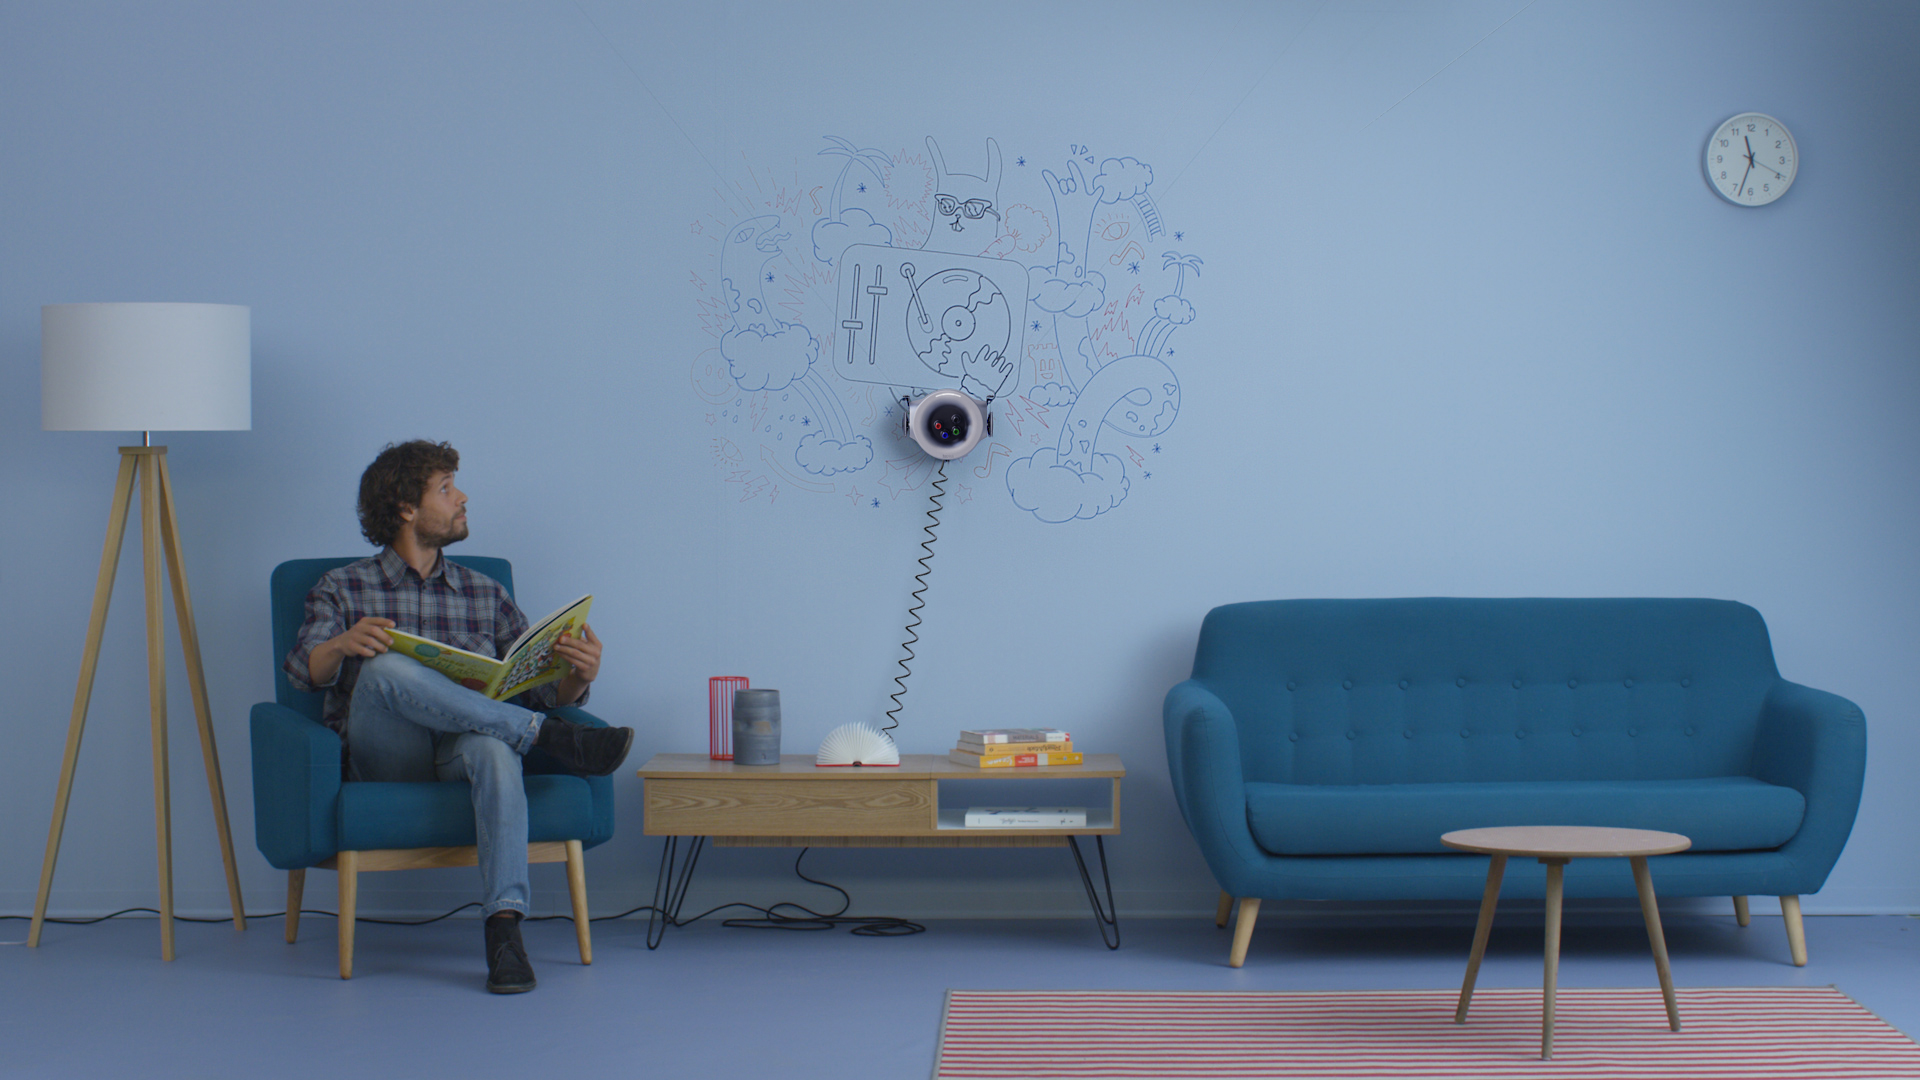 Disegni Sui Muri Di Casa scribit: il robot che riproduce opere d'arte sui muri, anche